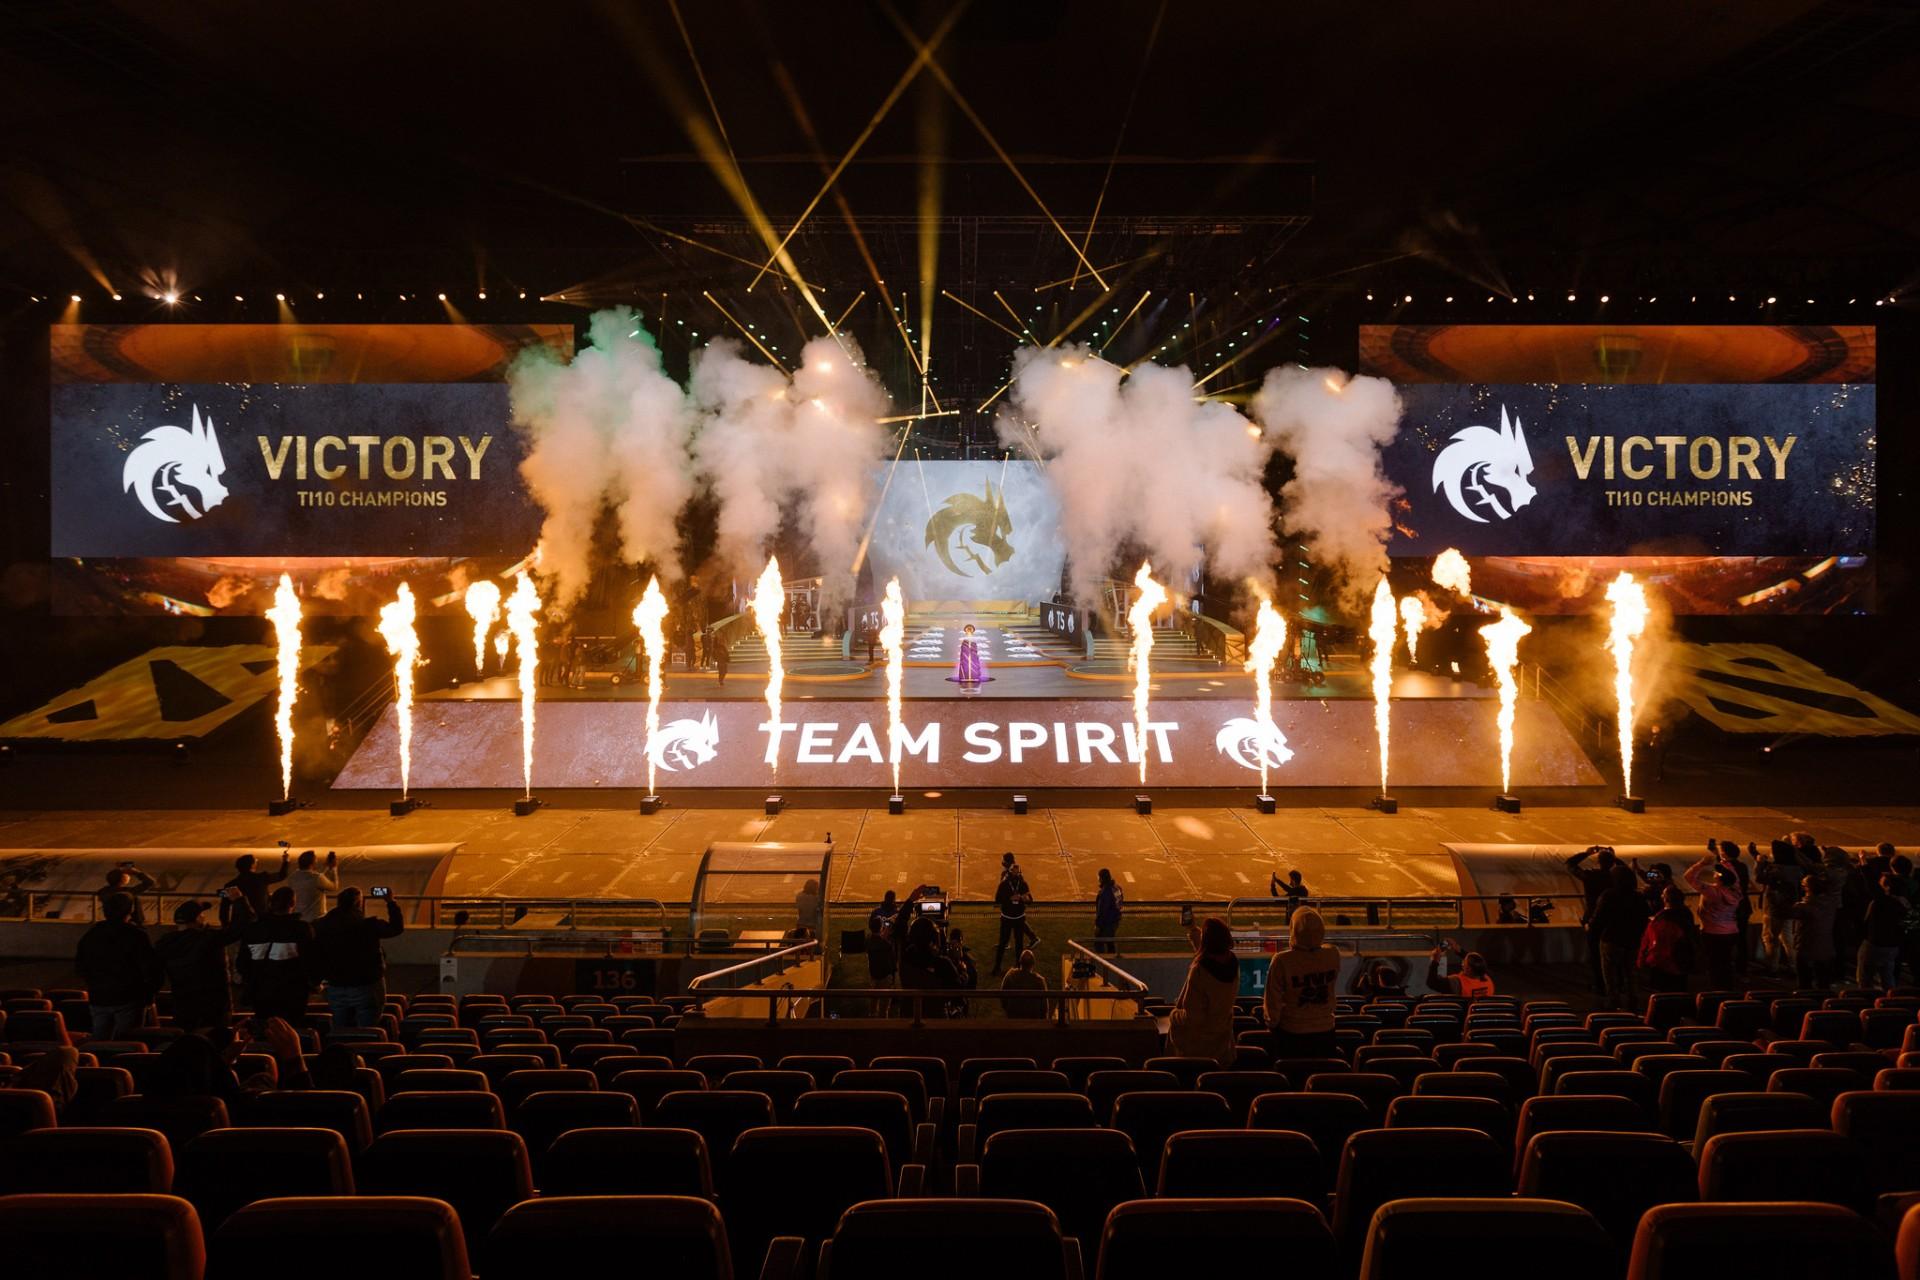 Порноактрисы спортсмены и даже президент Кто поздравил Team Spirit с победой на TI10